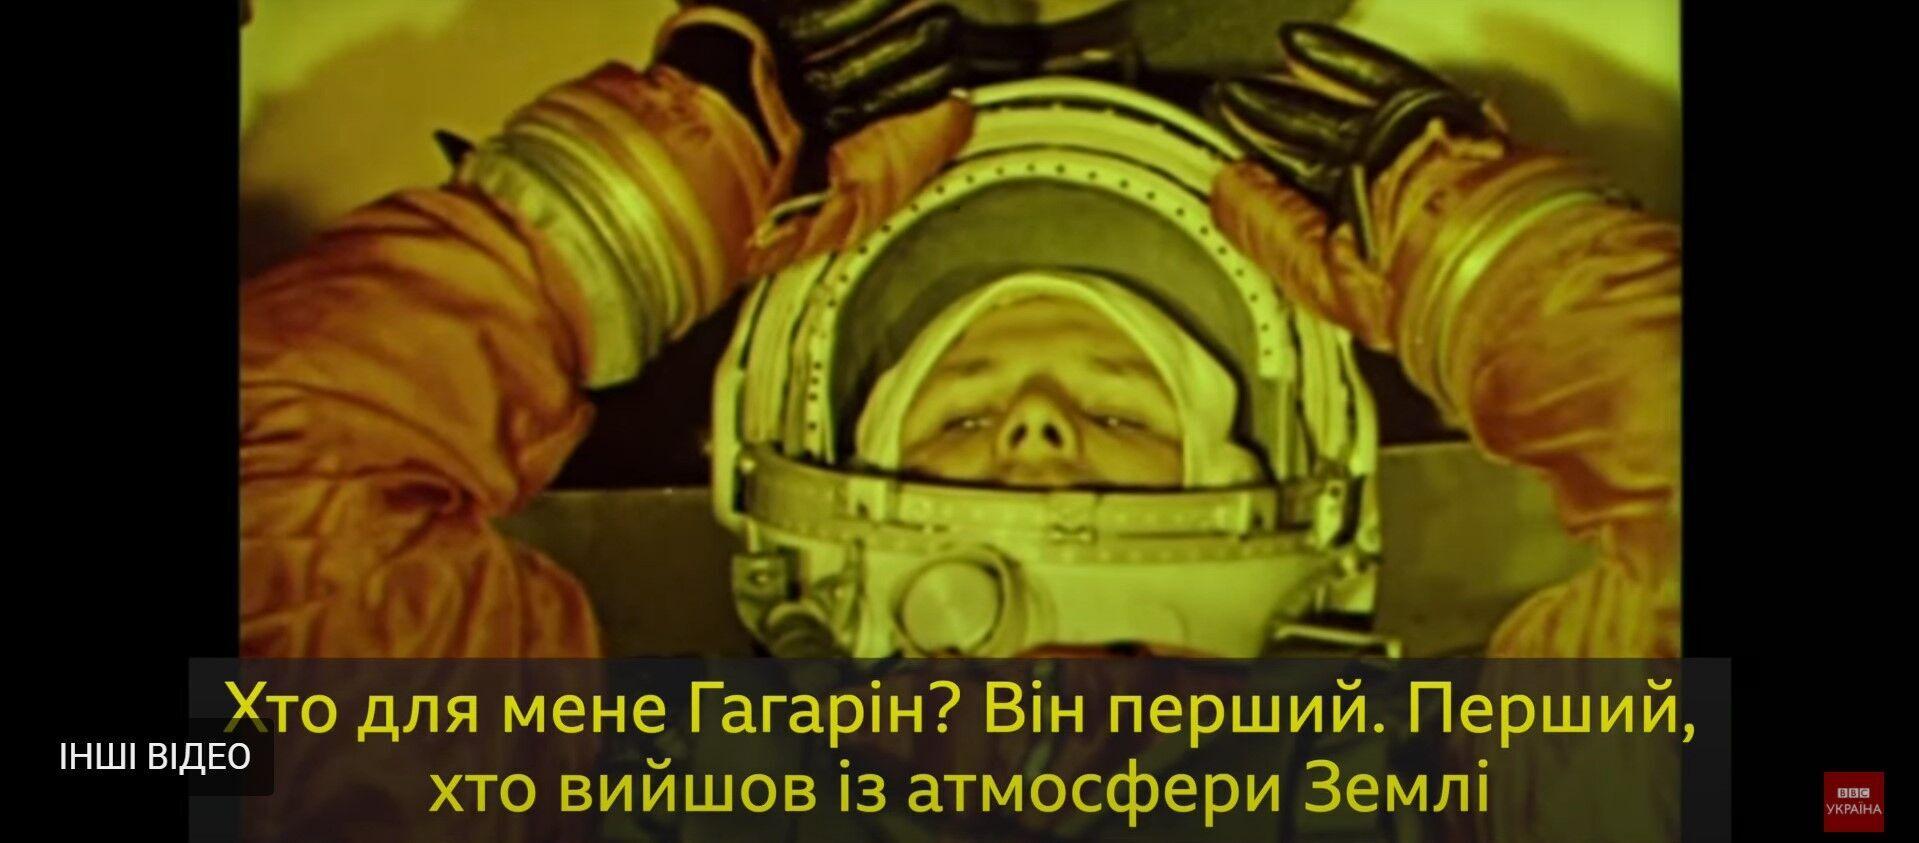 Воспоминания украинцев о полете Гагарина в космос.